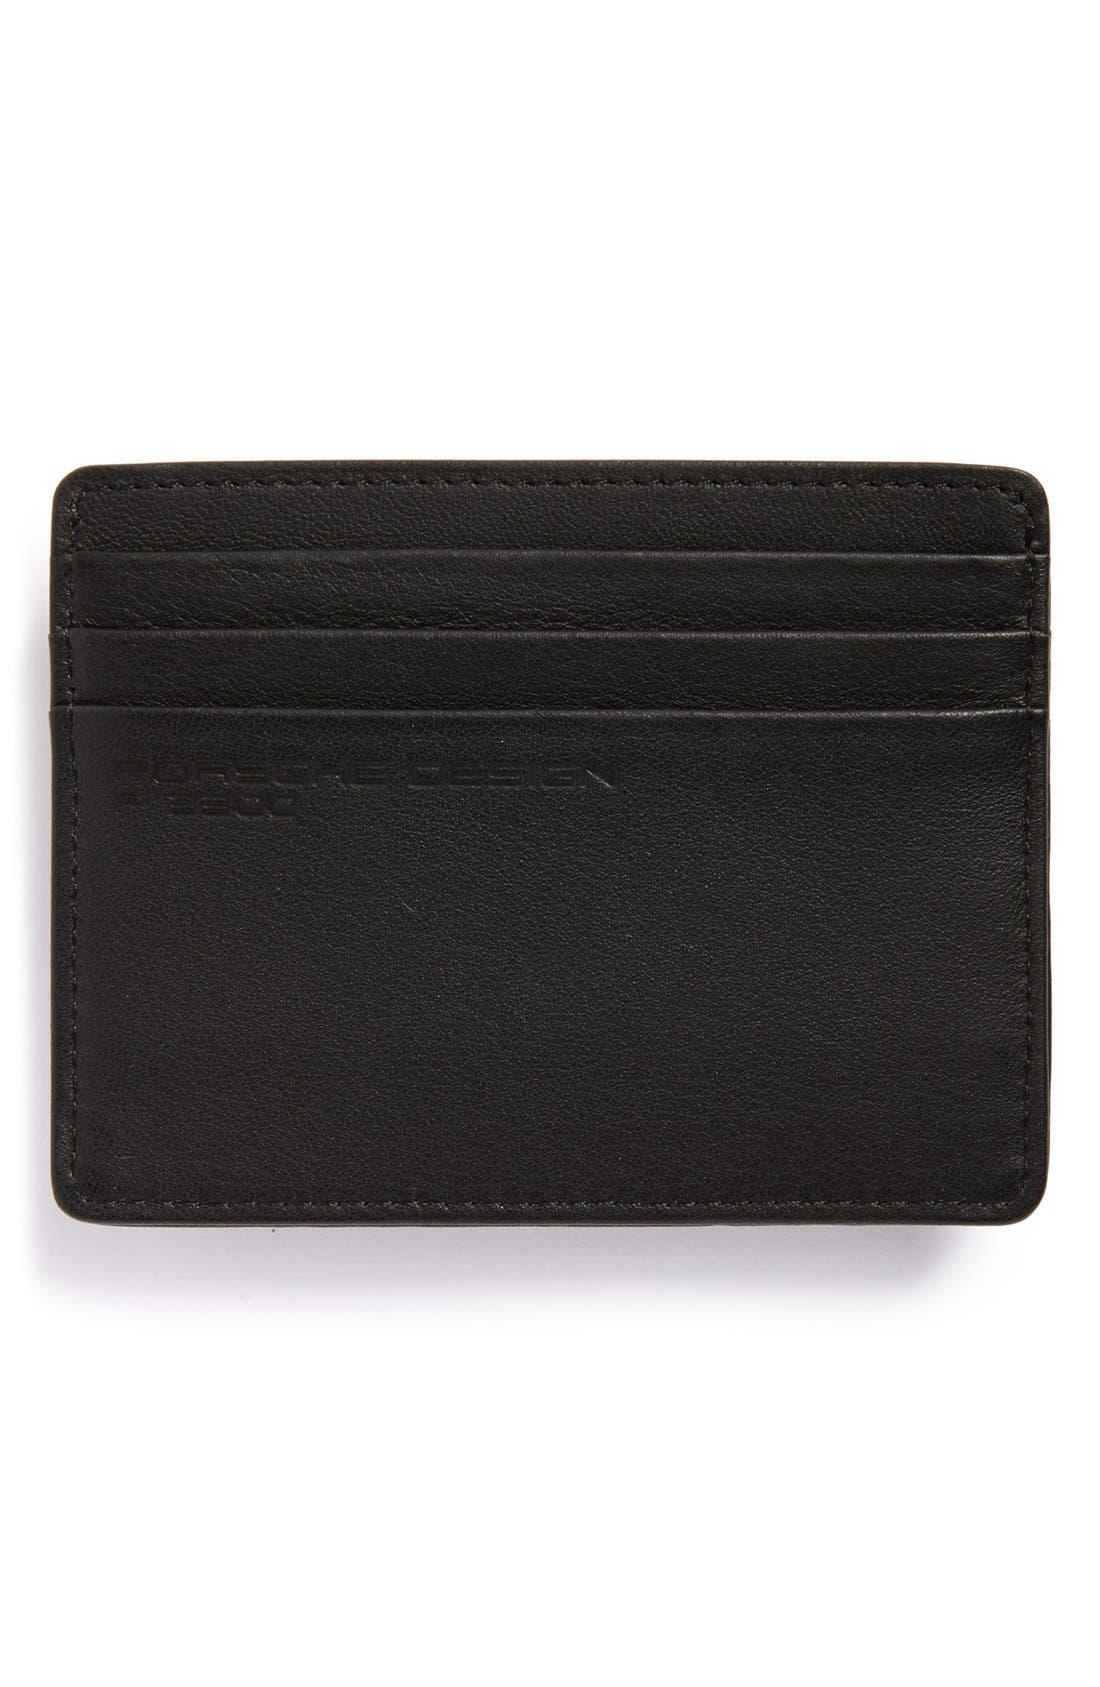 Alternate Image 2  - Porsche Design Leather Cardholder